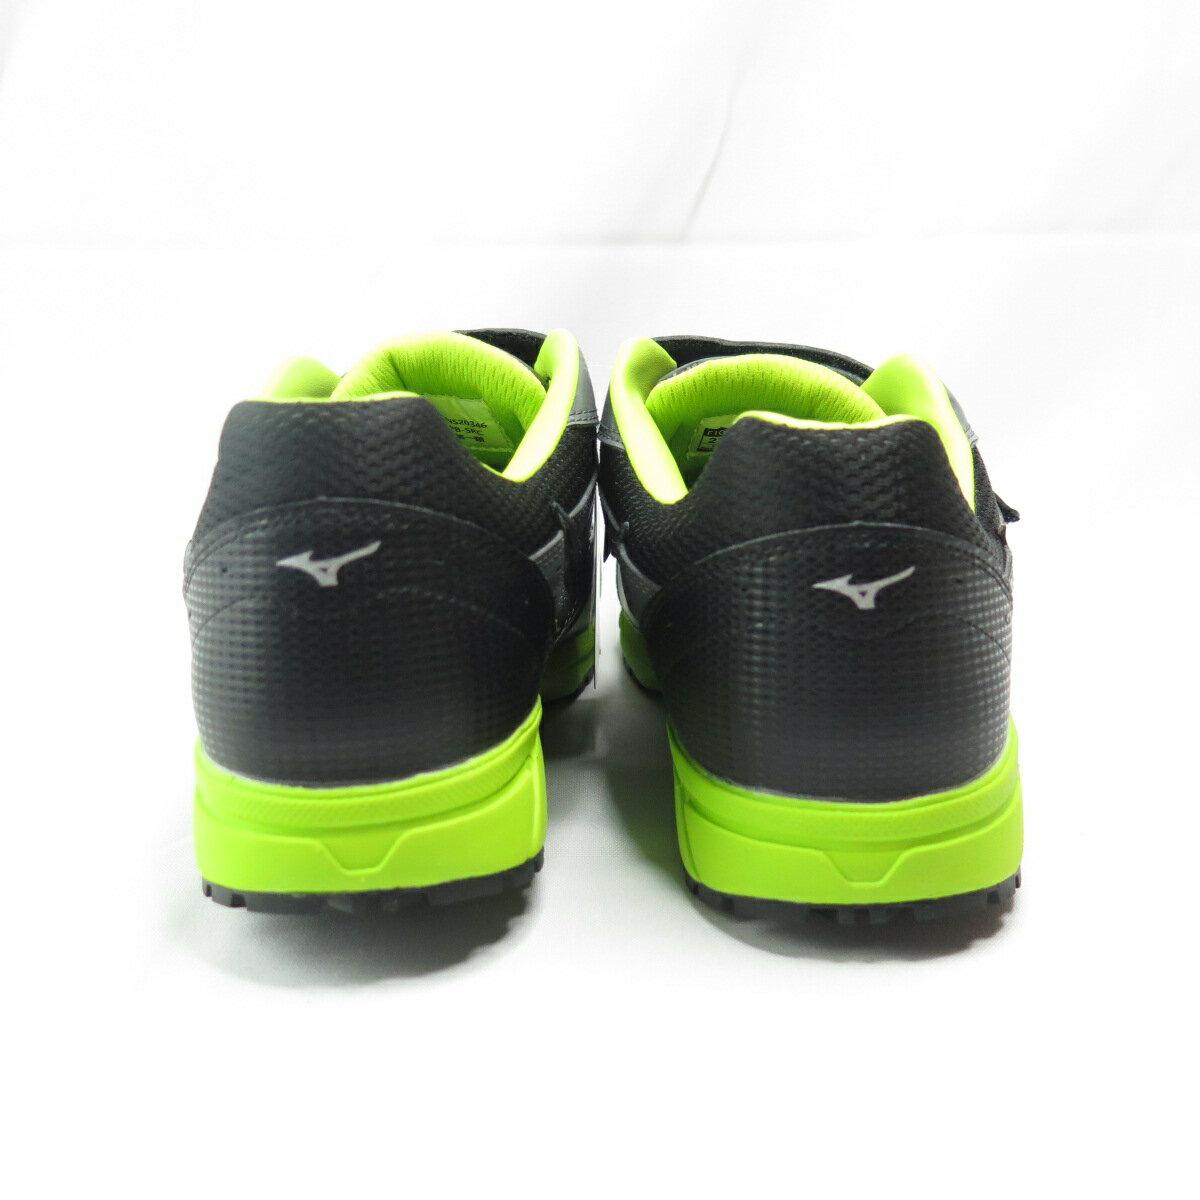 【滿額領券折$150】Mizuno LS防護鞋 男款 工作安全鞋 魔鬼氈 F1GA200905 灰綠【iSport愛運動】